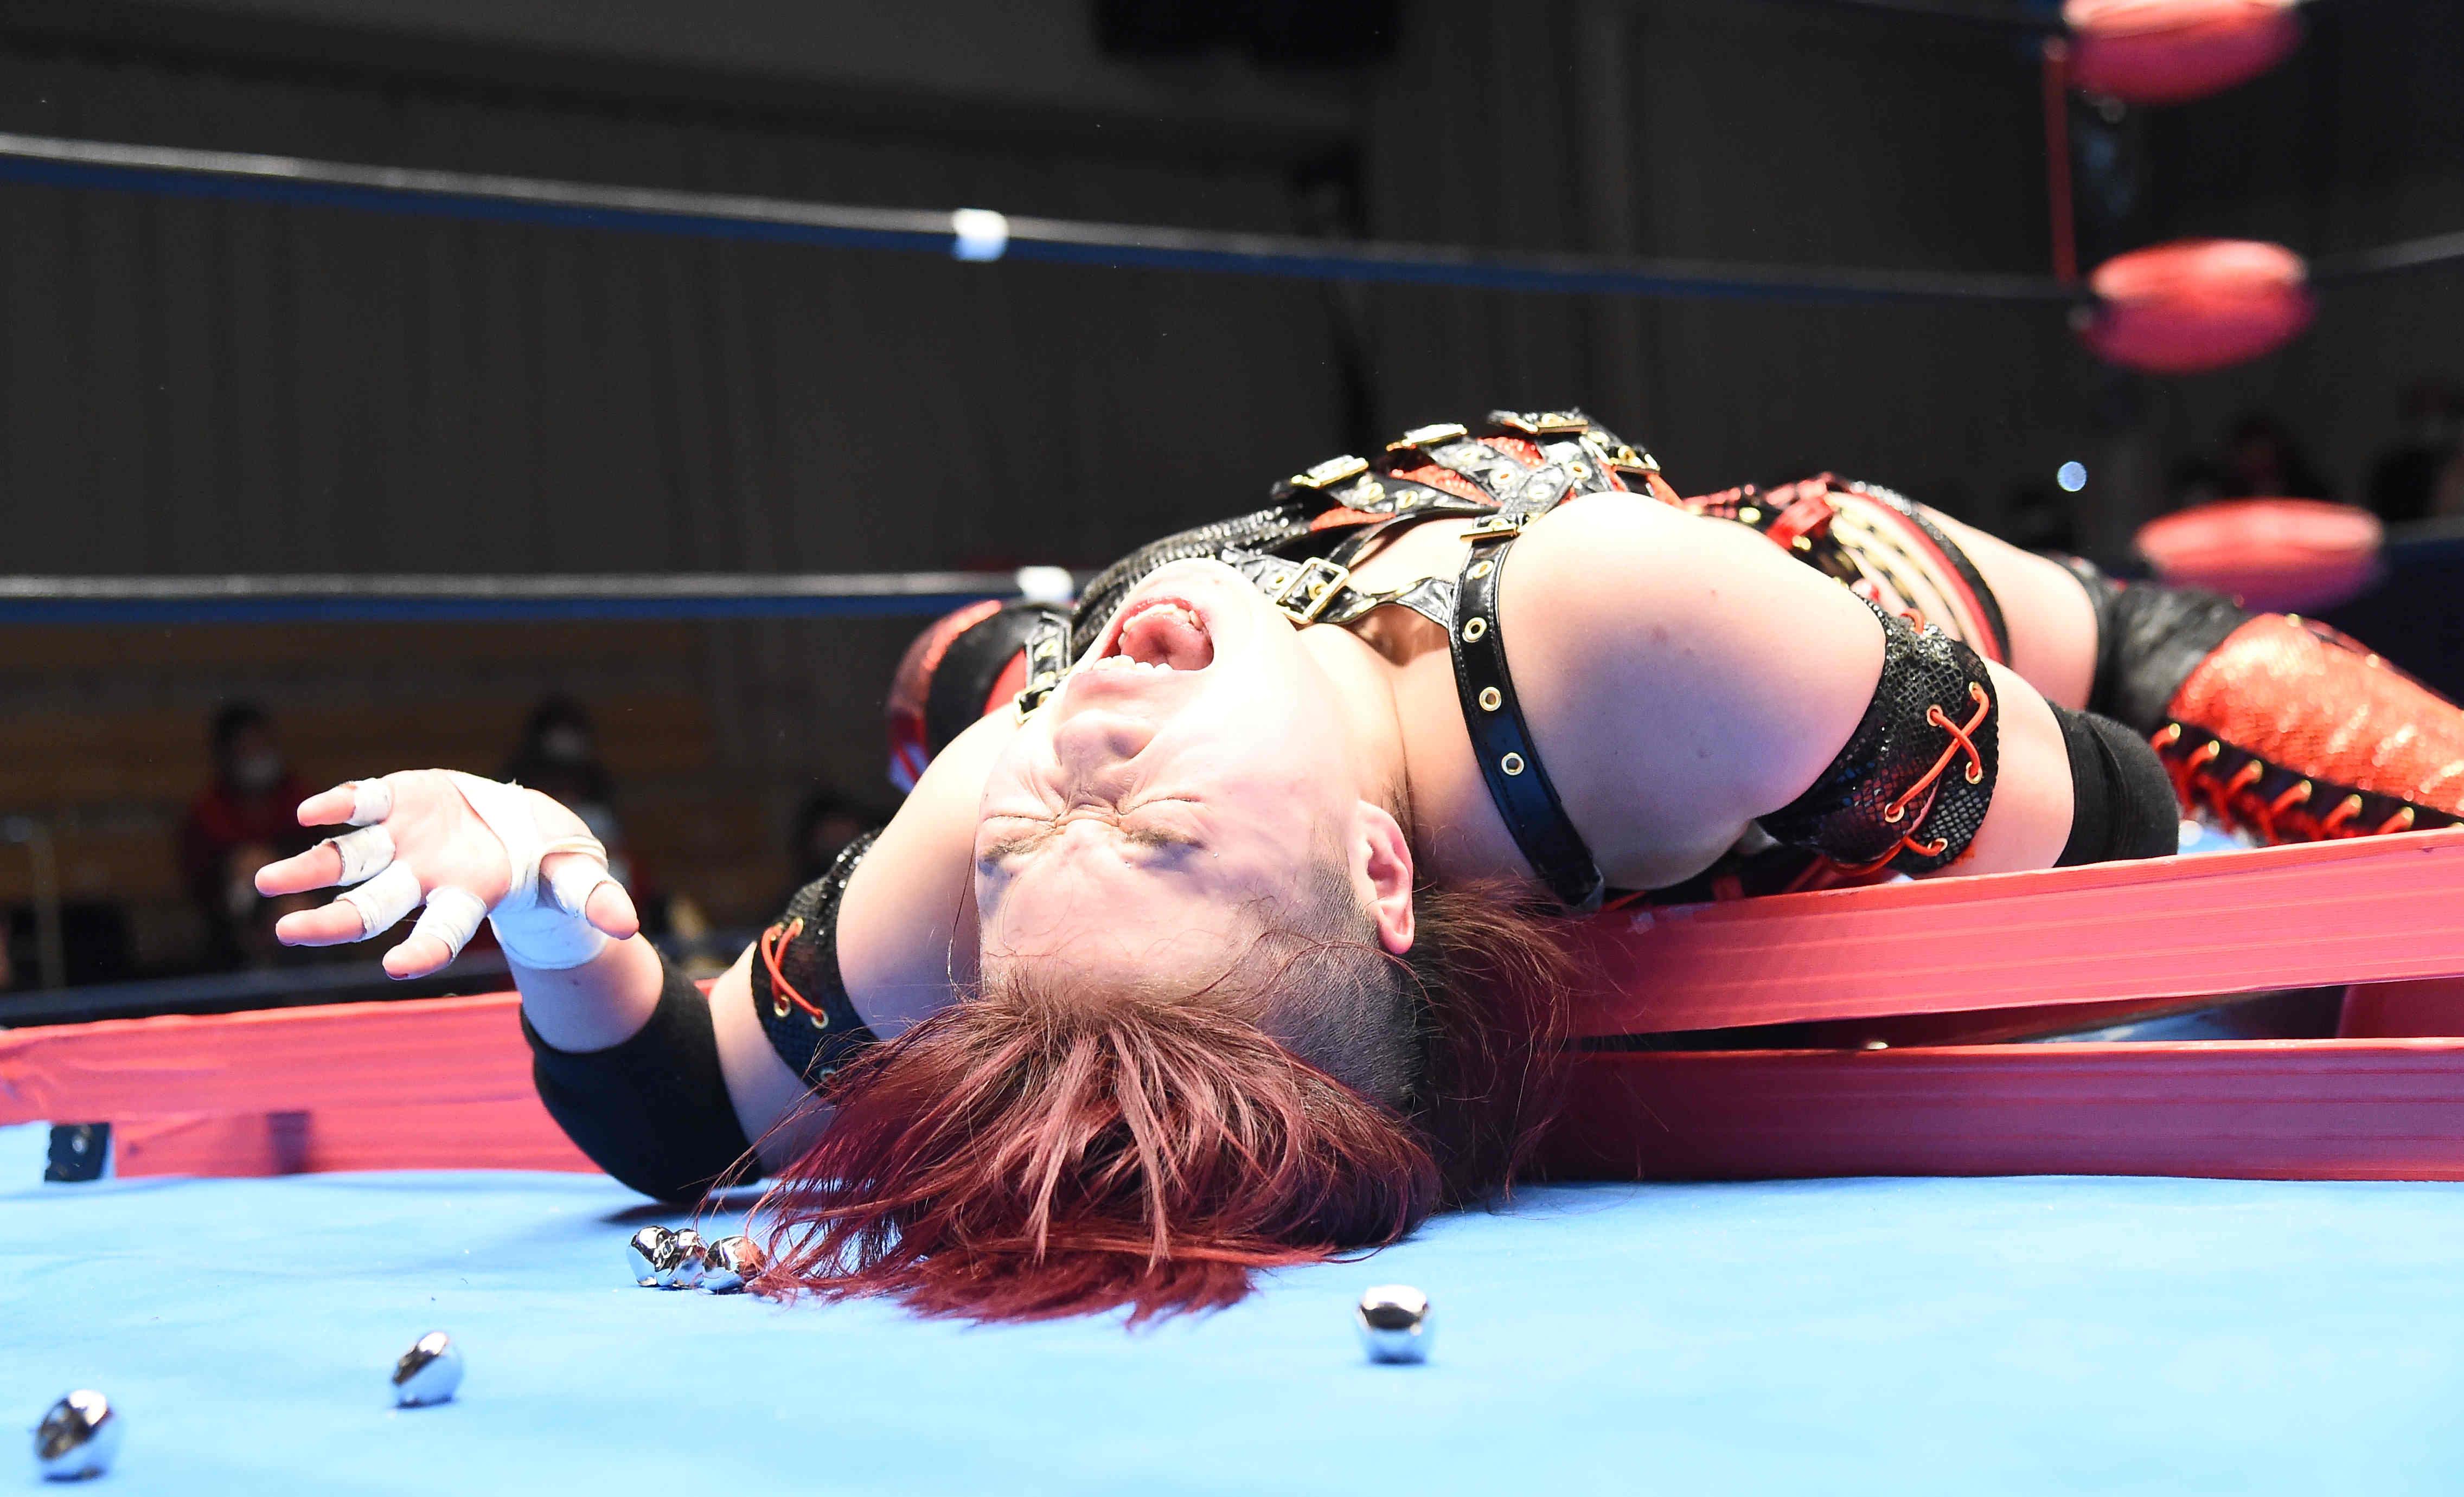 七番勝負第1戦、宮本裕向戦でラダーに叩きつけられたすずは苦悶の表情を浮かべた